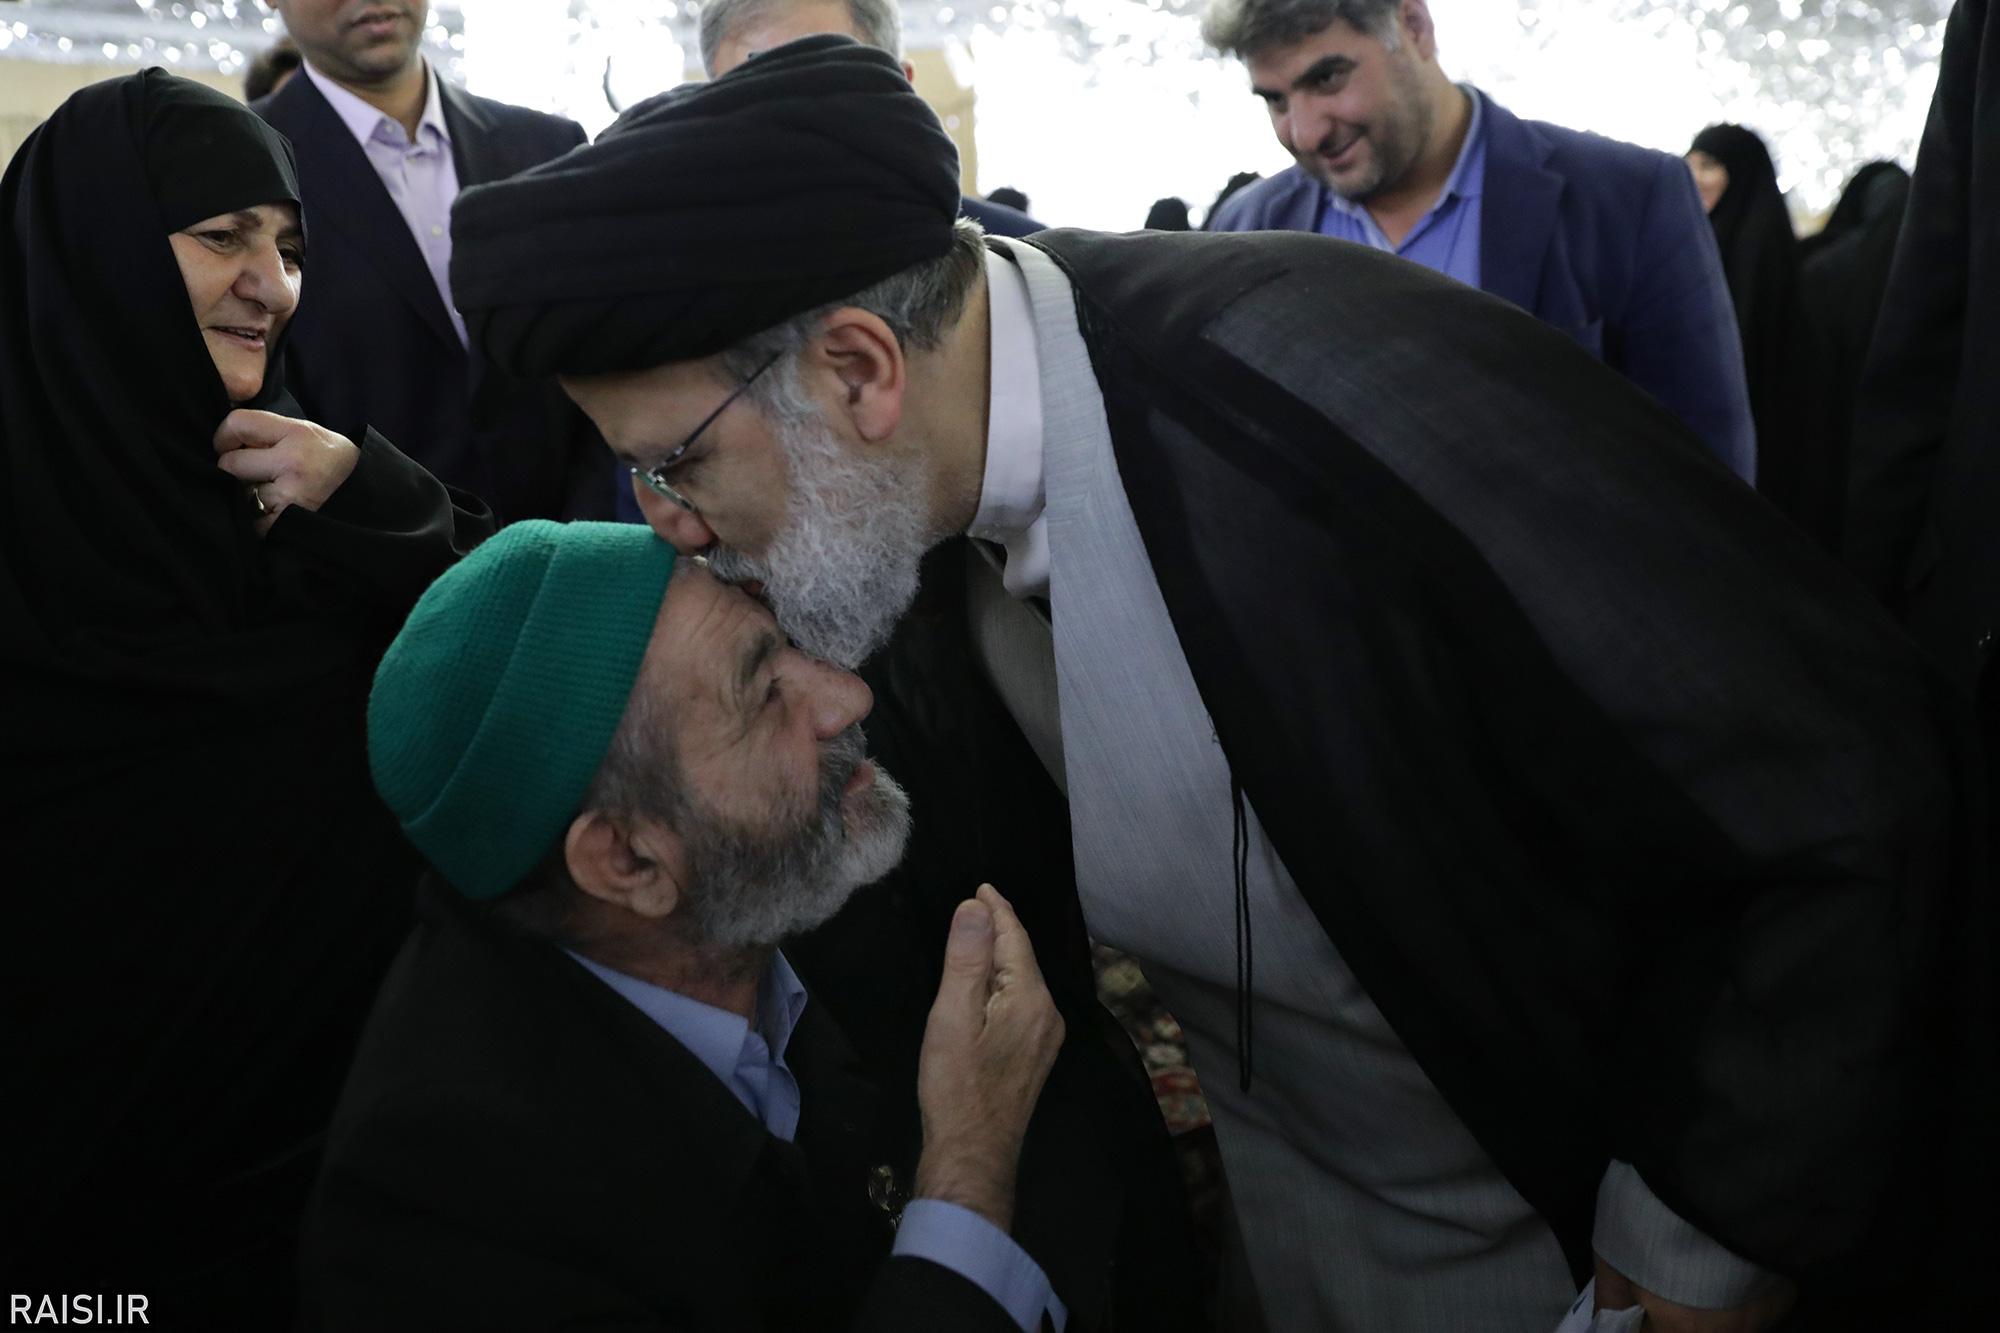 دیدار جمعی از خانواده شهدای دفاع مقدس و مدافع حرم با حجتالاسلام رئیسی